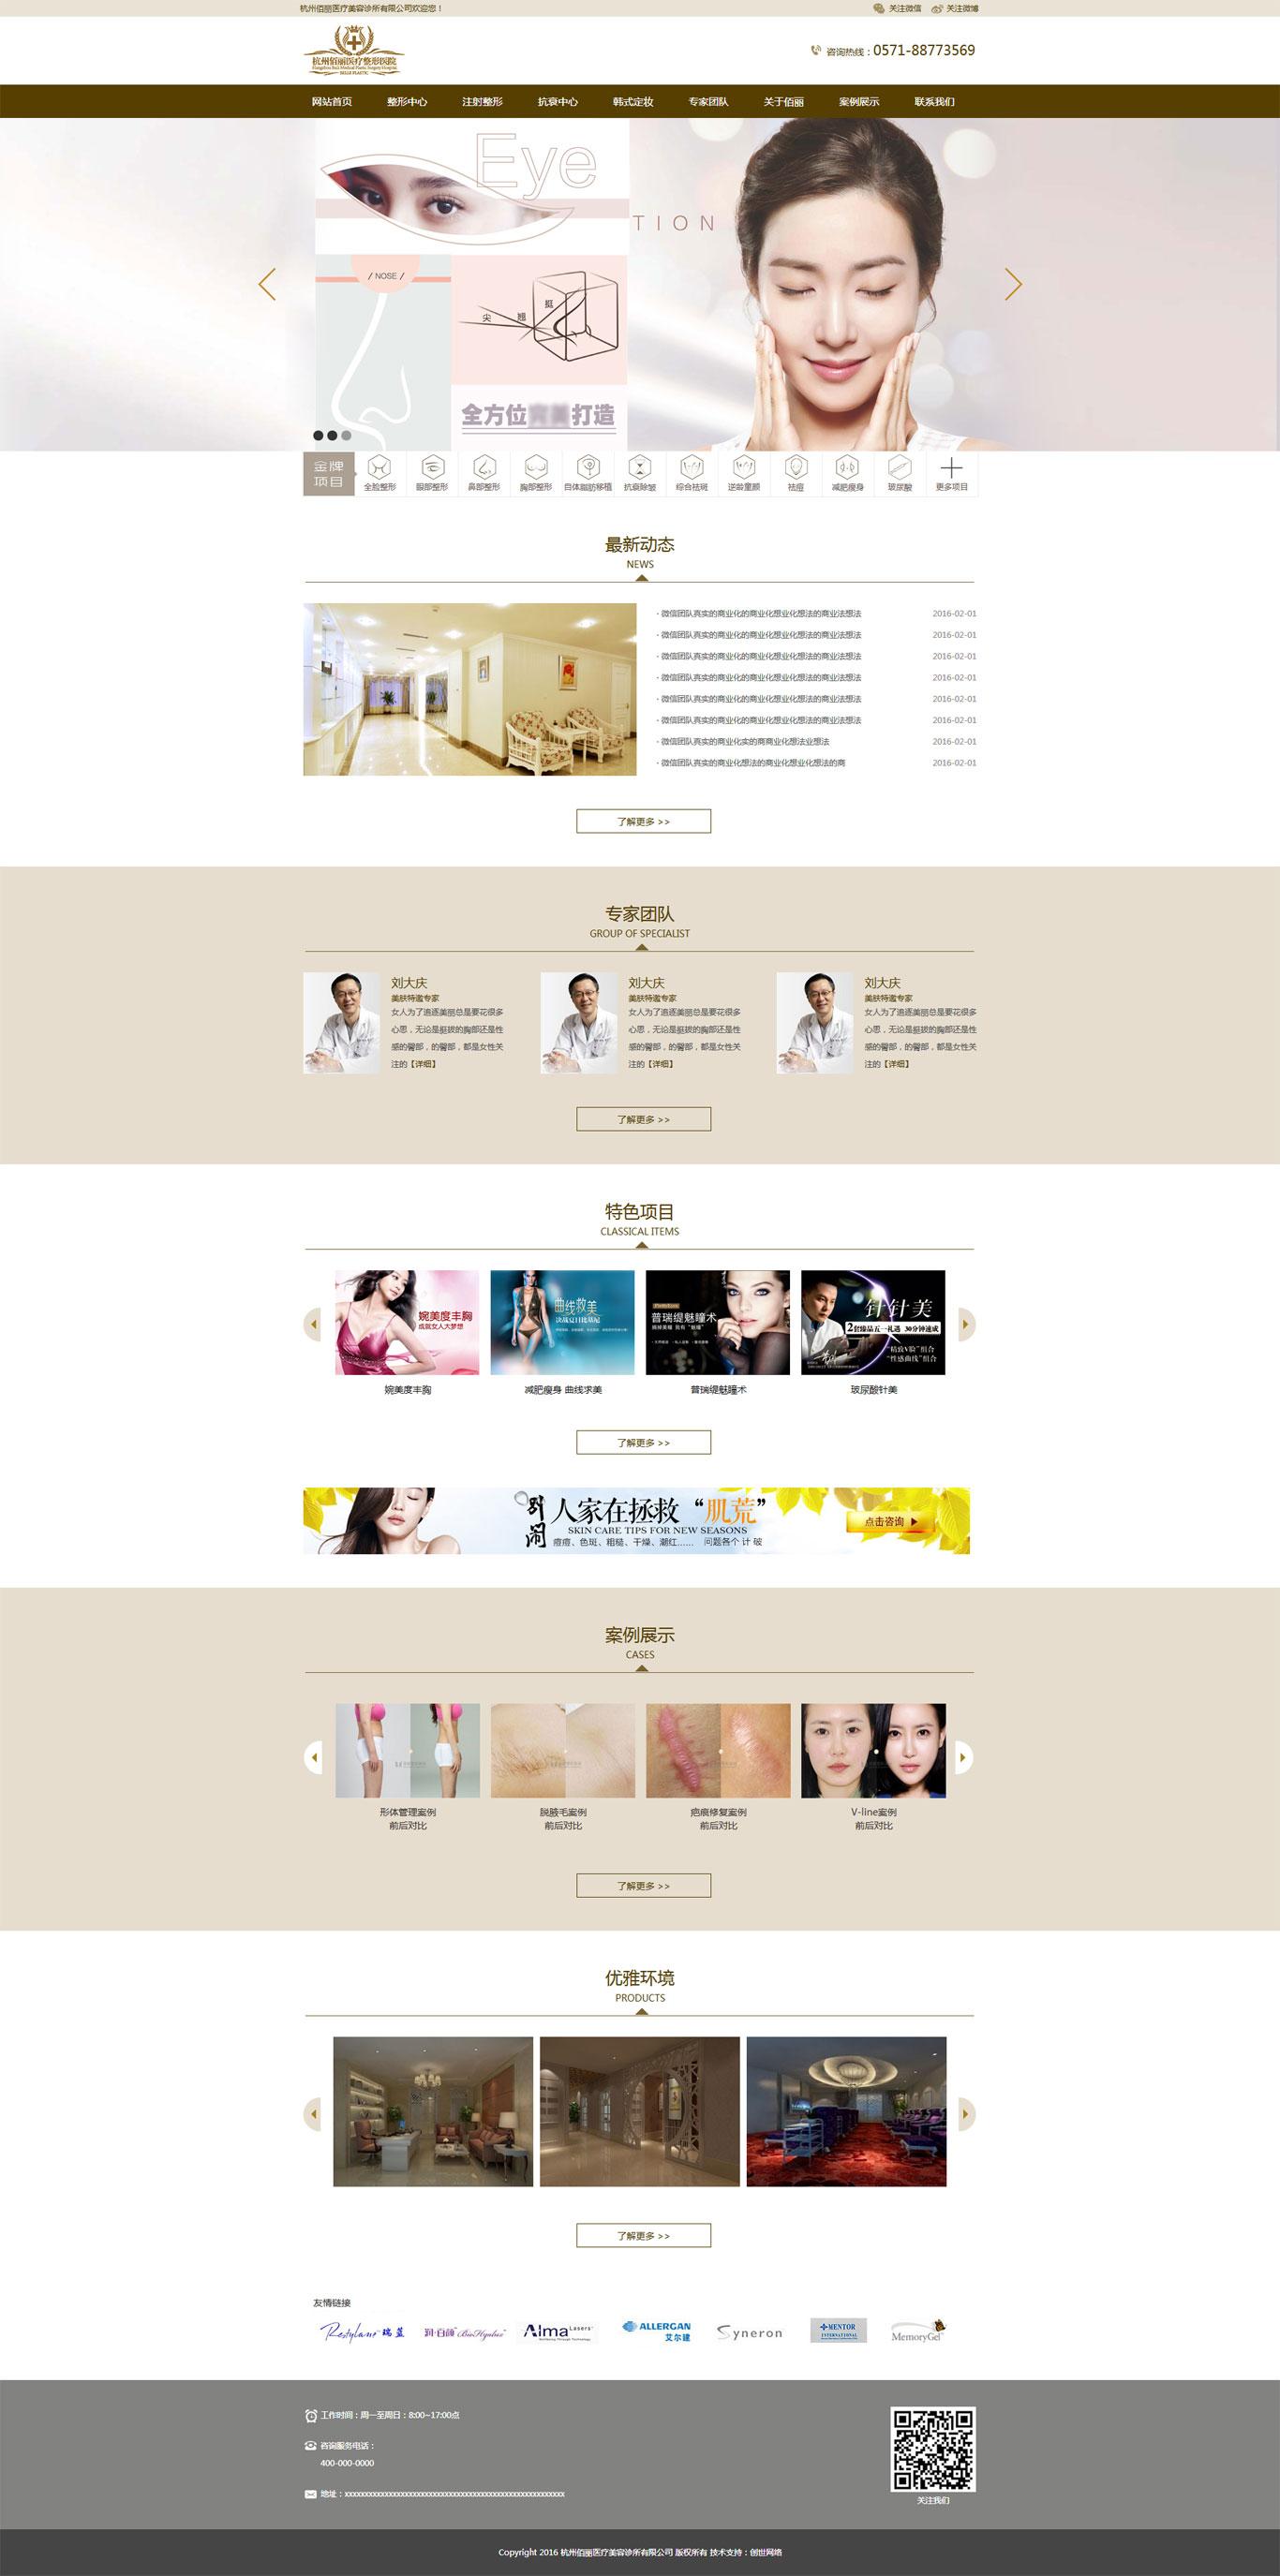 企业美容网站